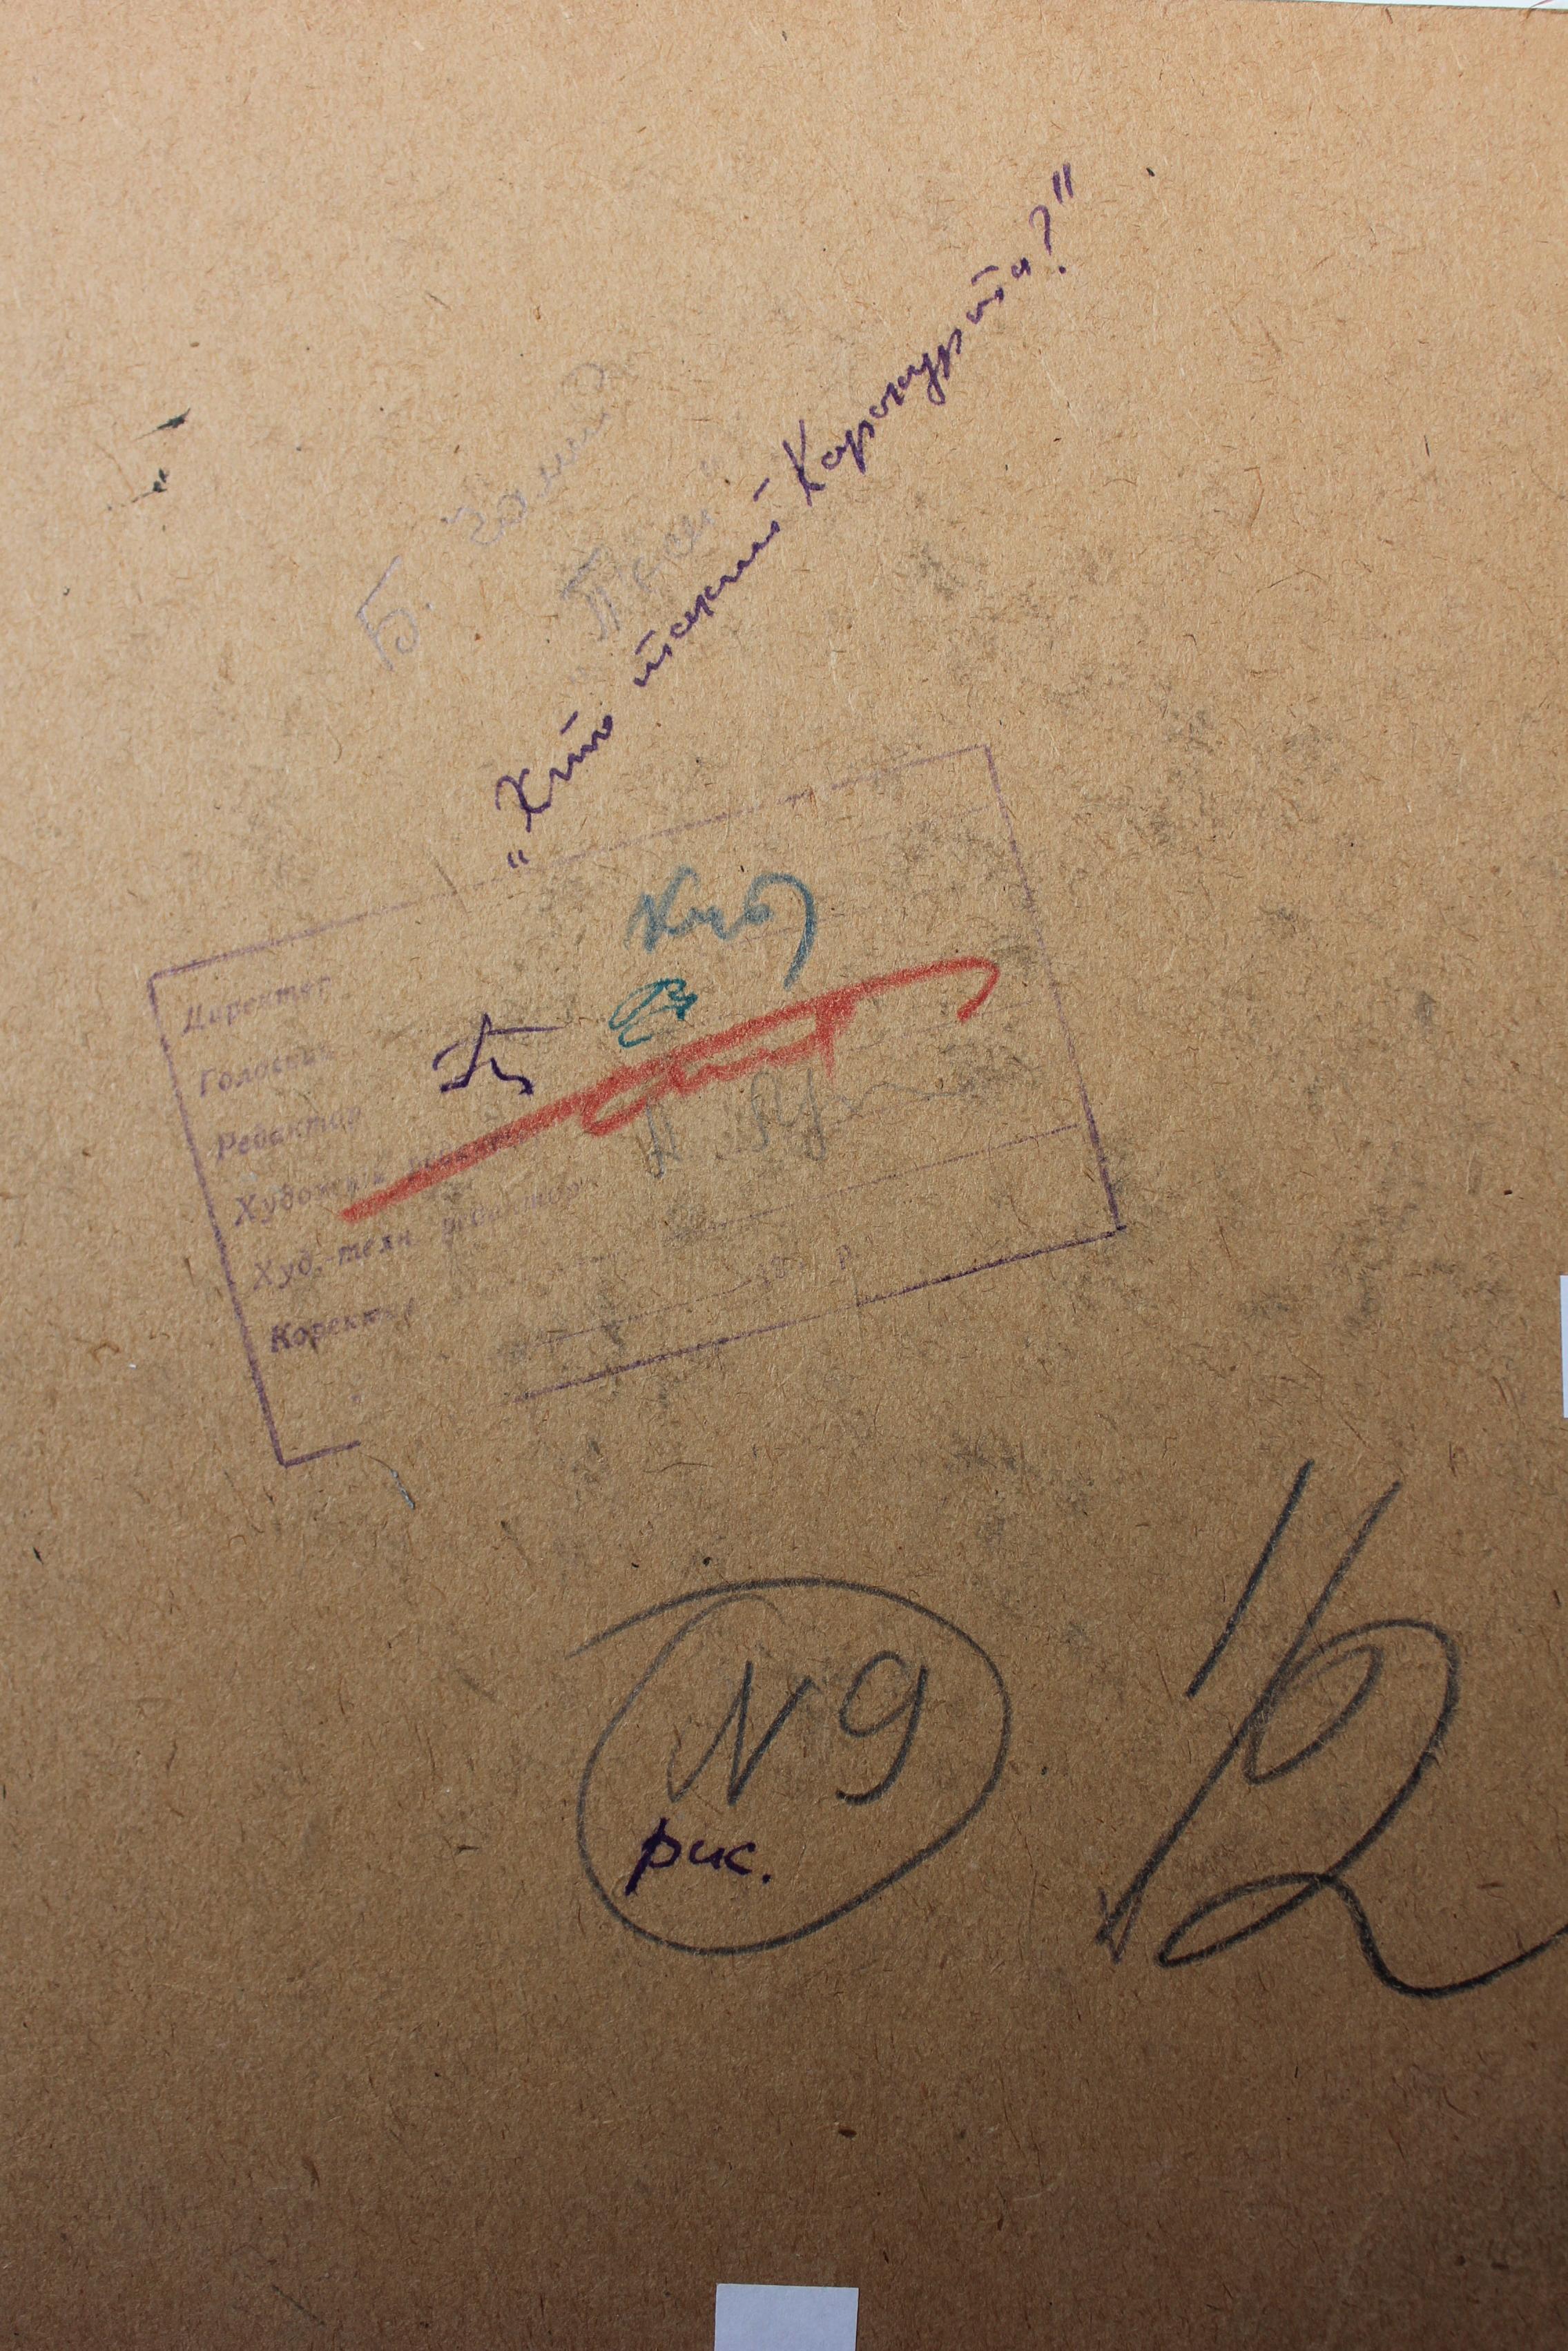 Рисунок к пьесе Богдана Чалого Хто такий Каракурта 18-24 см., картон, карандаш, тушь 1957 год  - 1